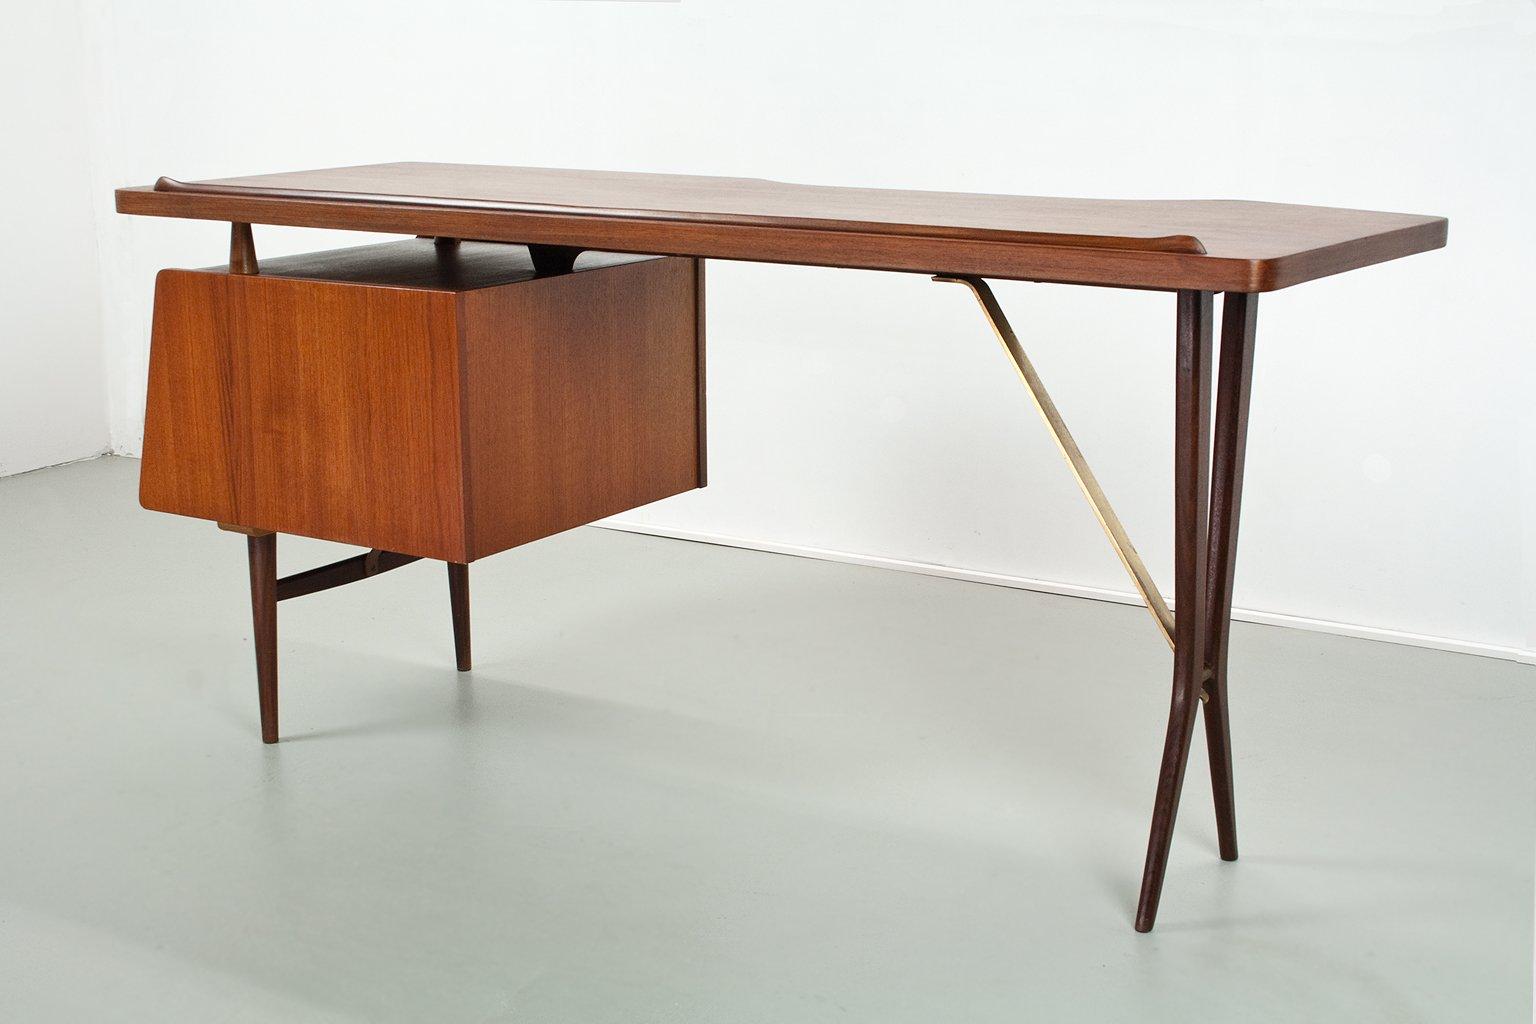 niederl ndischer mid century teak schreibtisch von louis van teeffelen f r w b 1950er bei. Black Bedroom Furniture Sets. Home Design Ideas